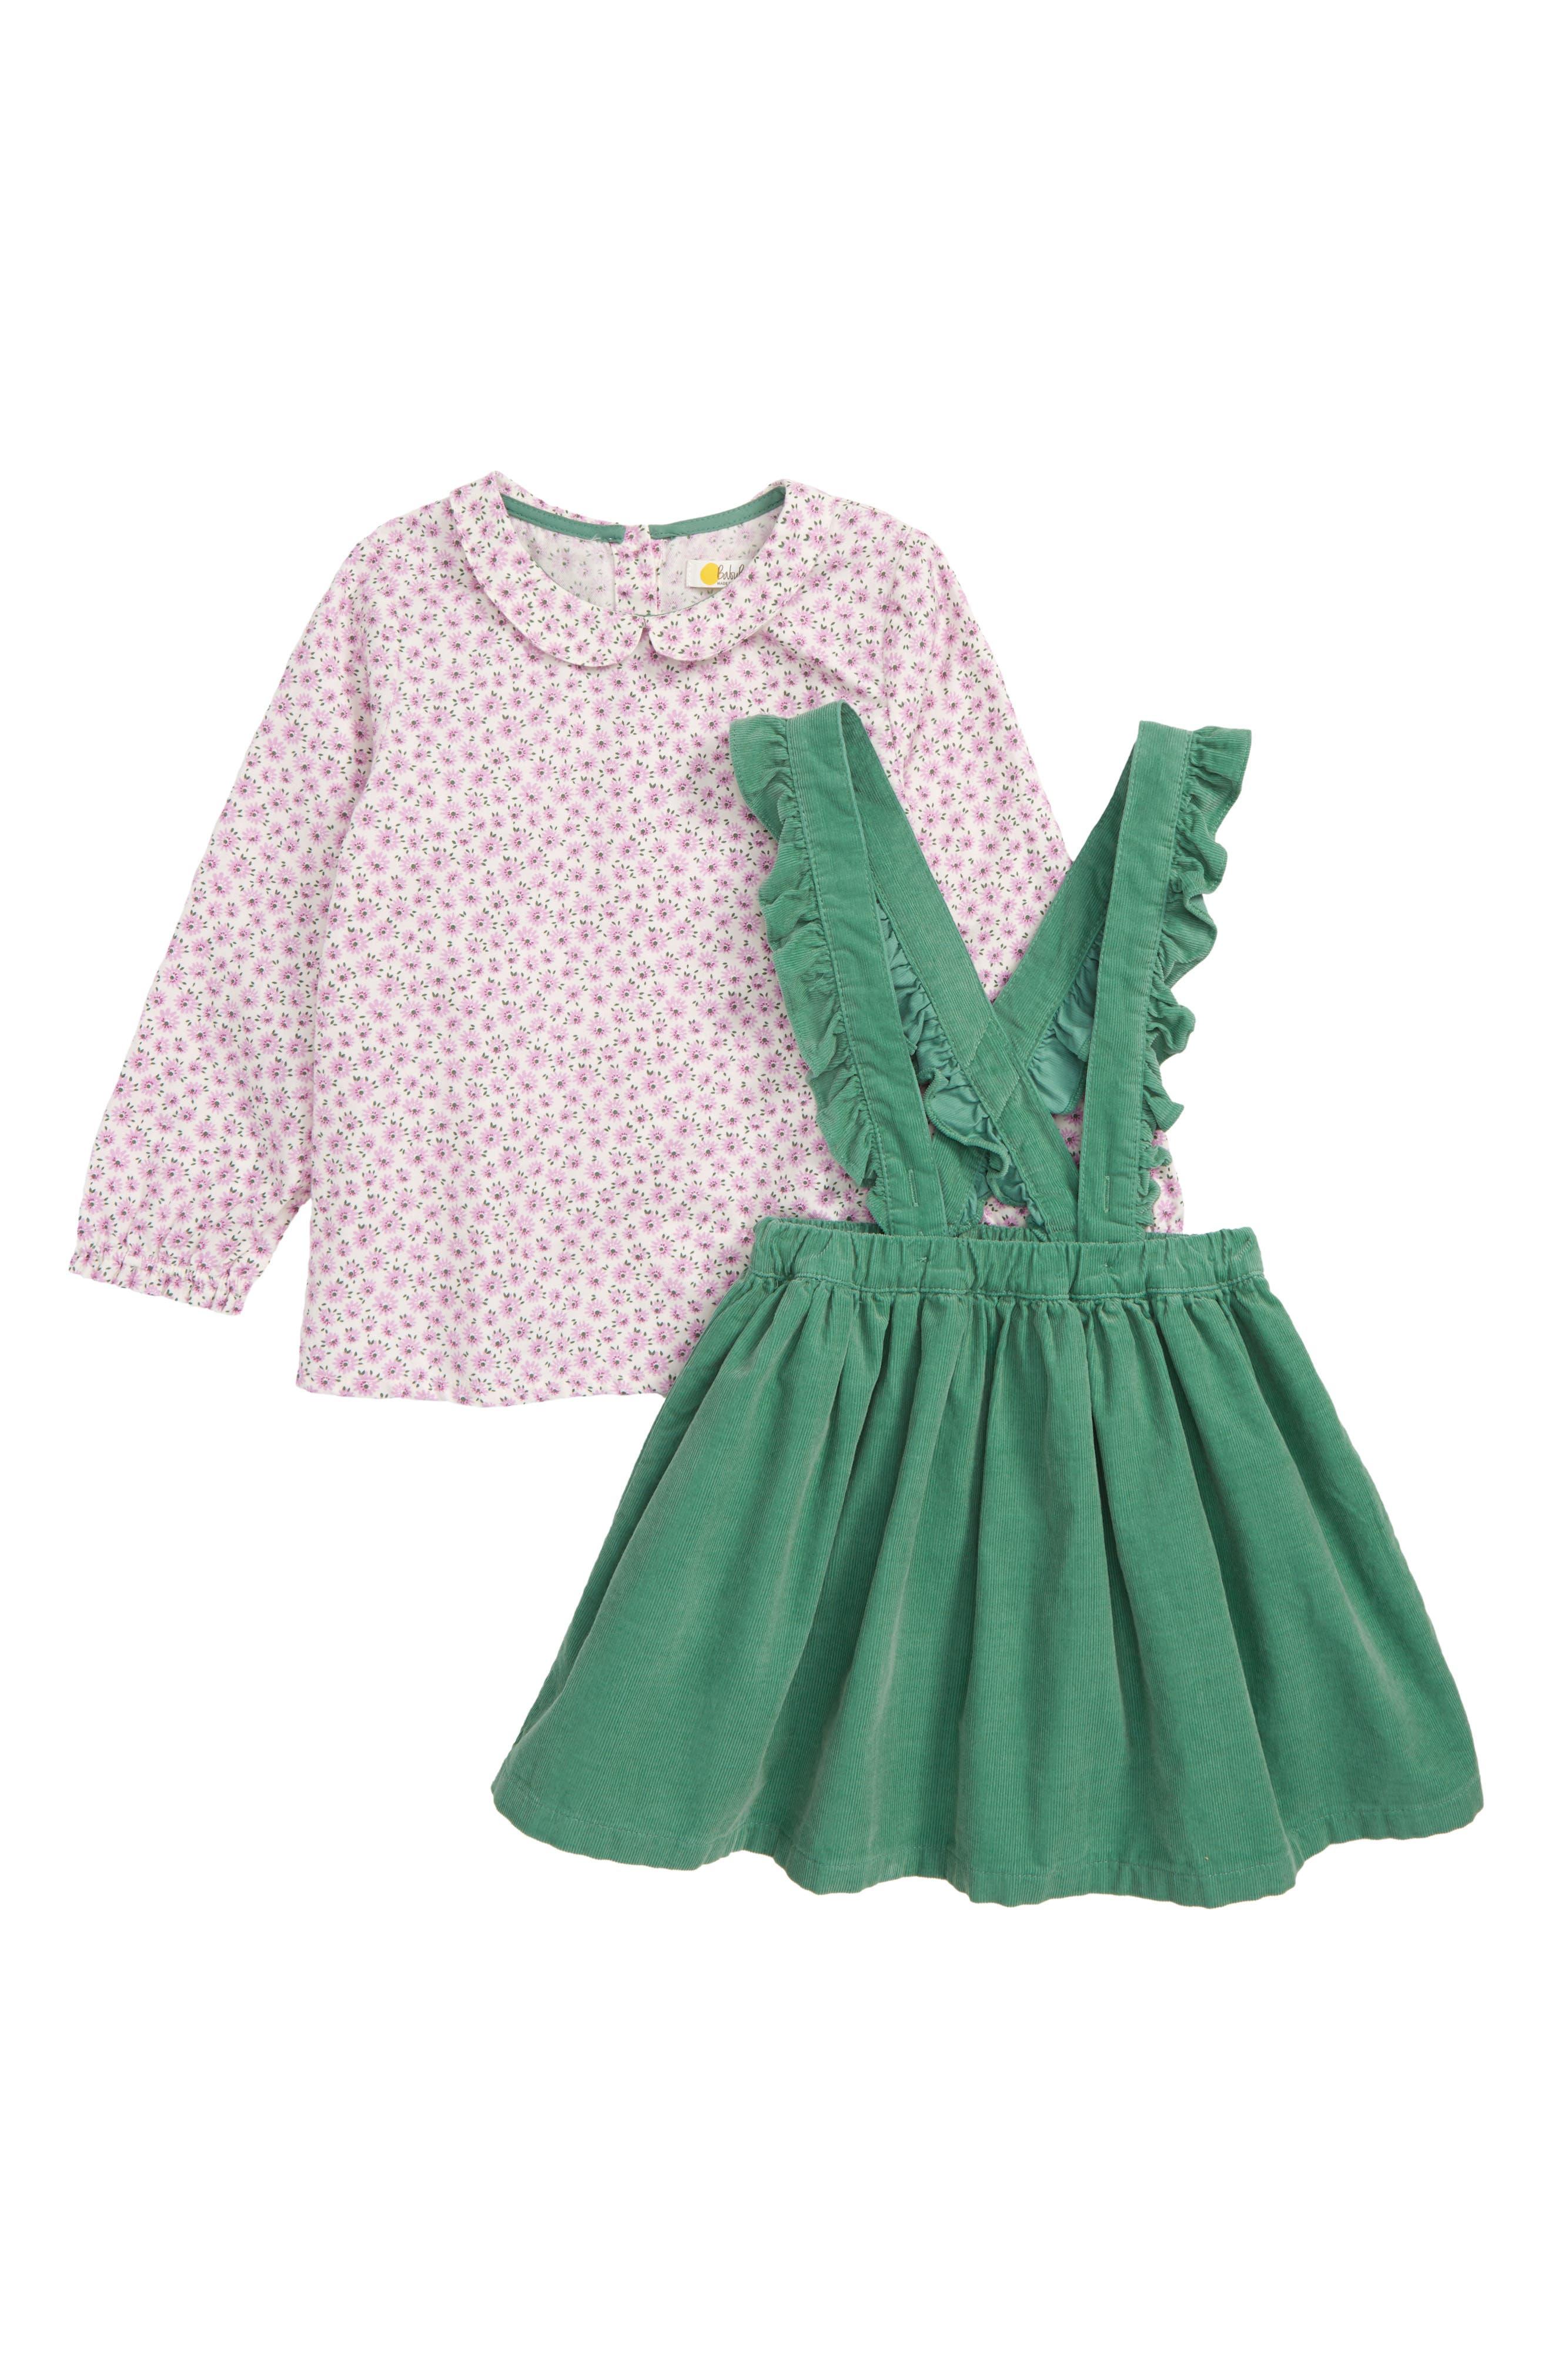 Toddler Girls Mini Boden Nostalgic Print Top  Overall Skirt